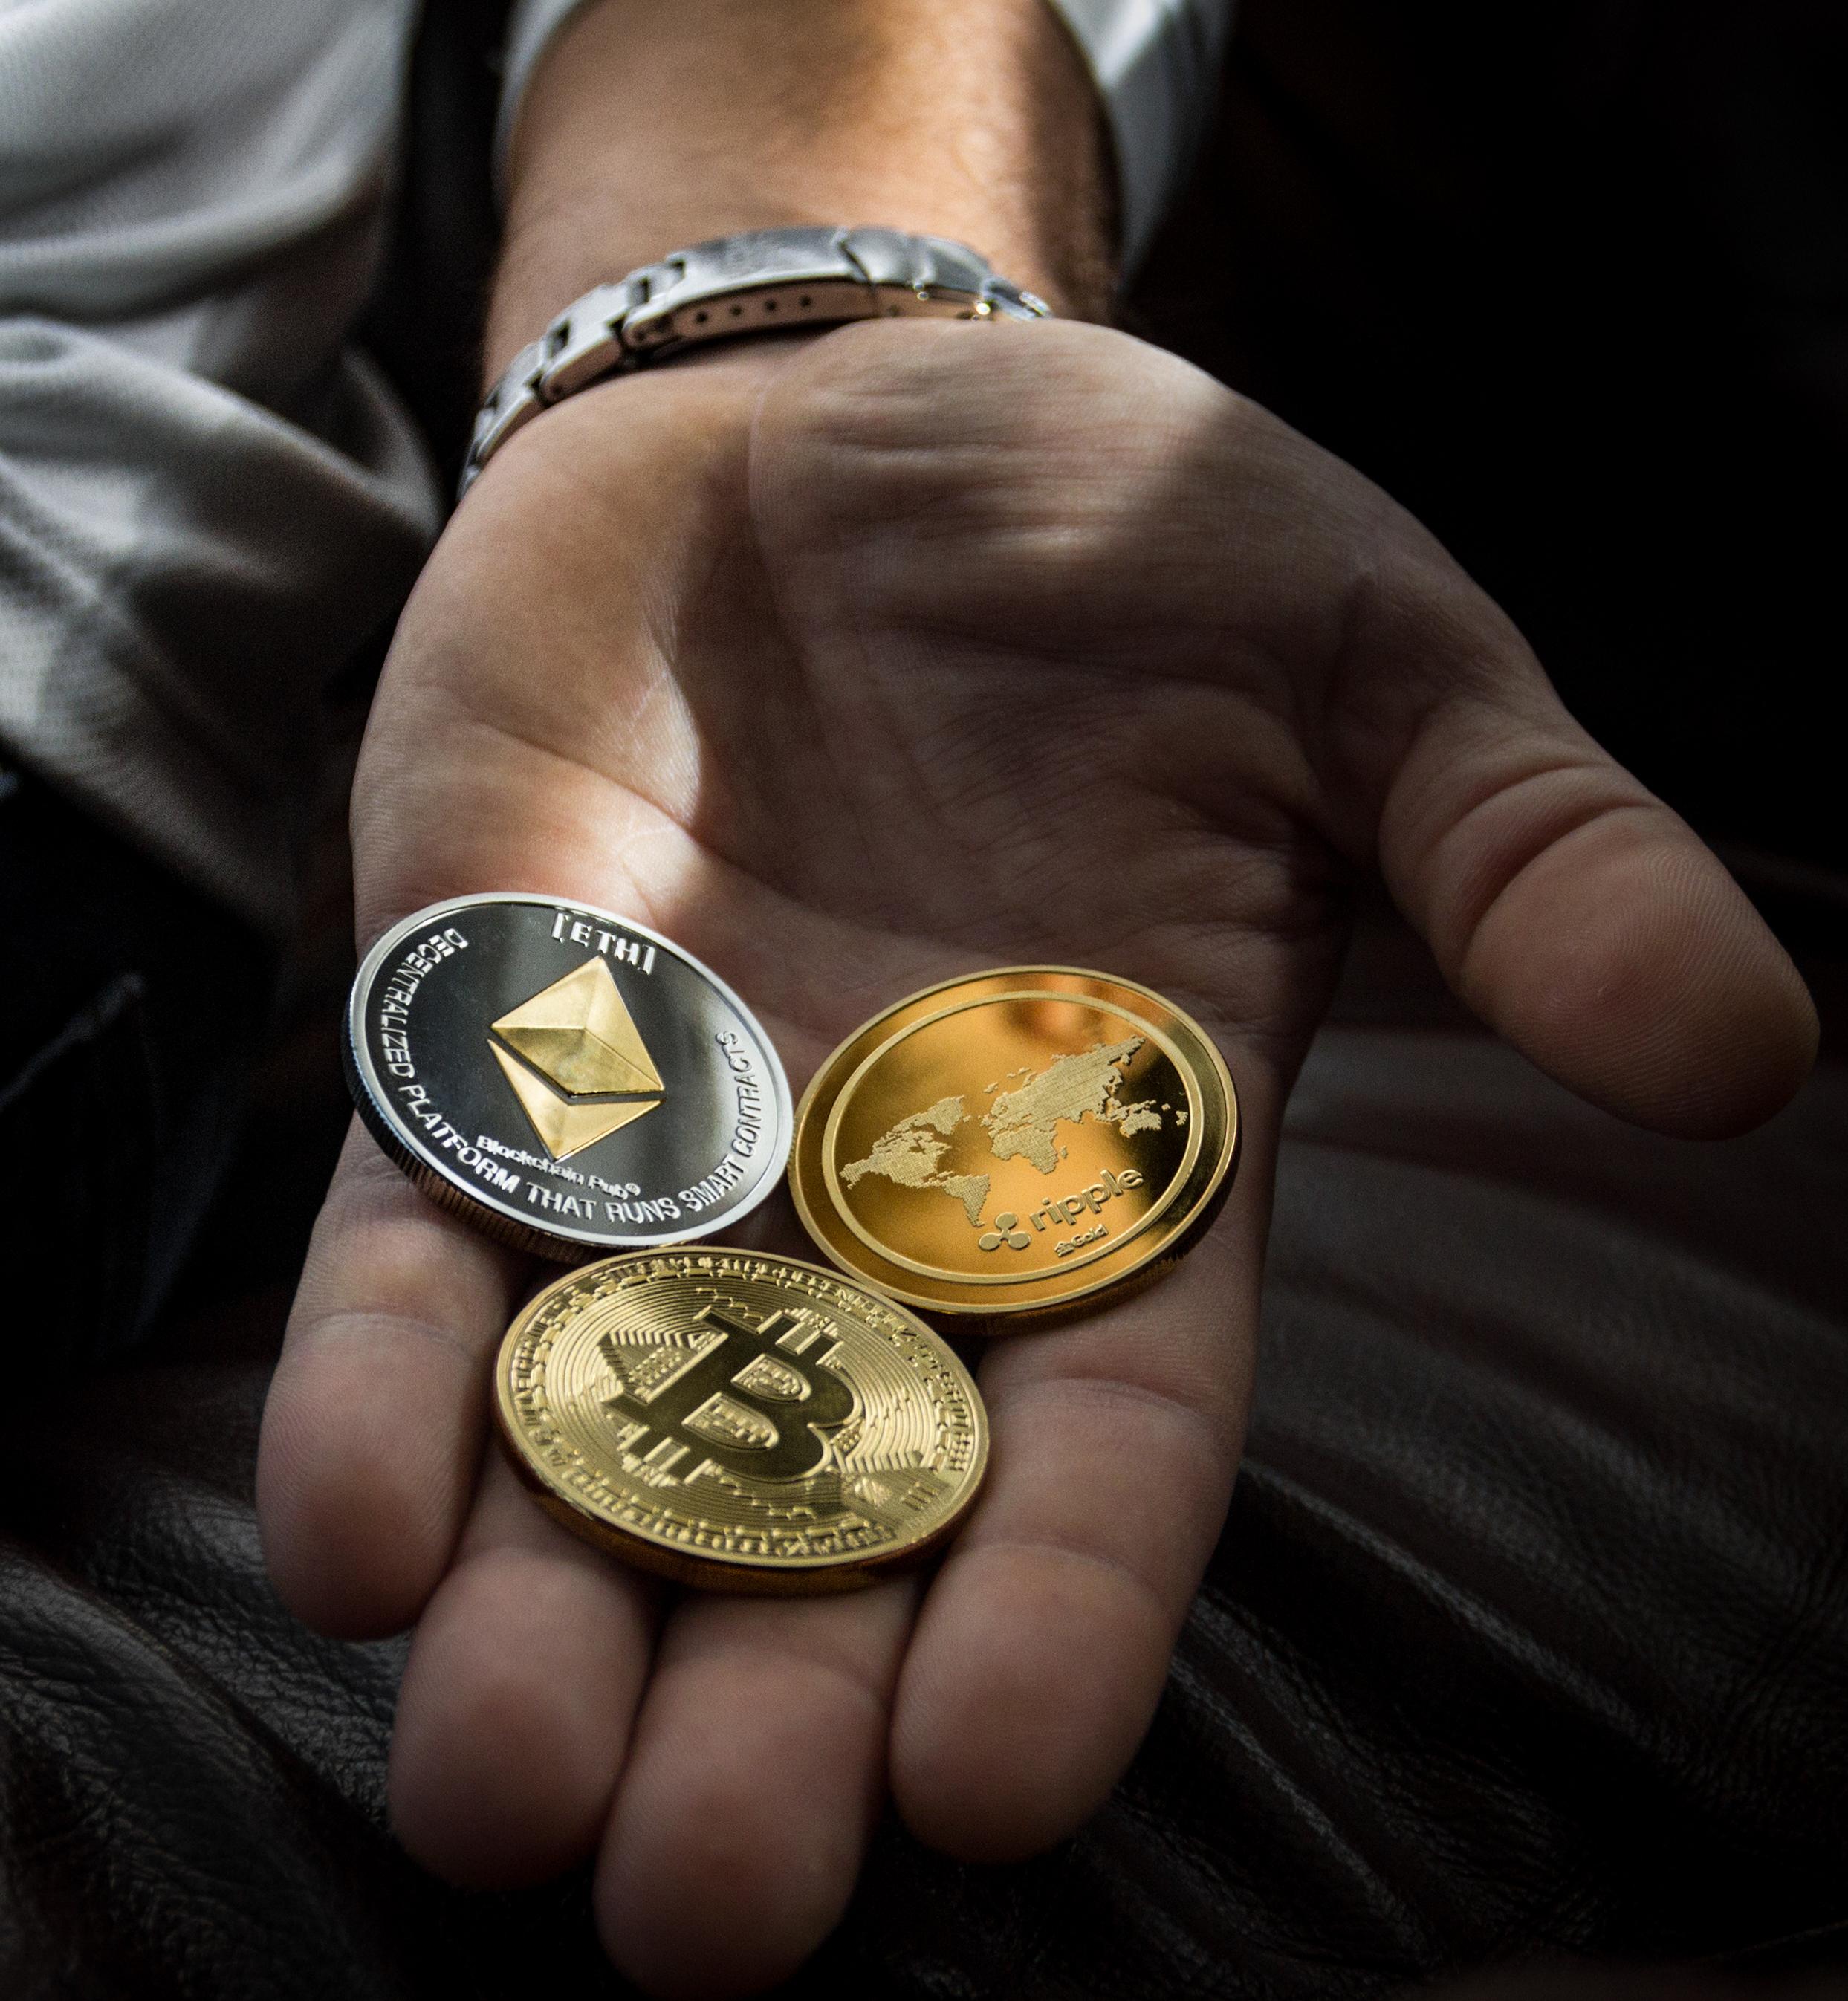 앤티가 바부 다 (Cryptocurrency Exchange) 설정 앤티가 바부 다 (Cryptocurrency Exchange) 설정 - 웹